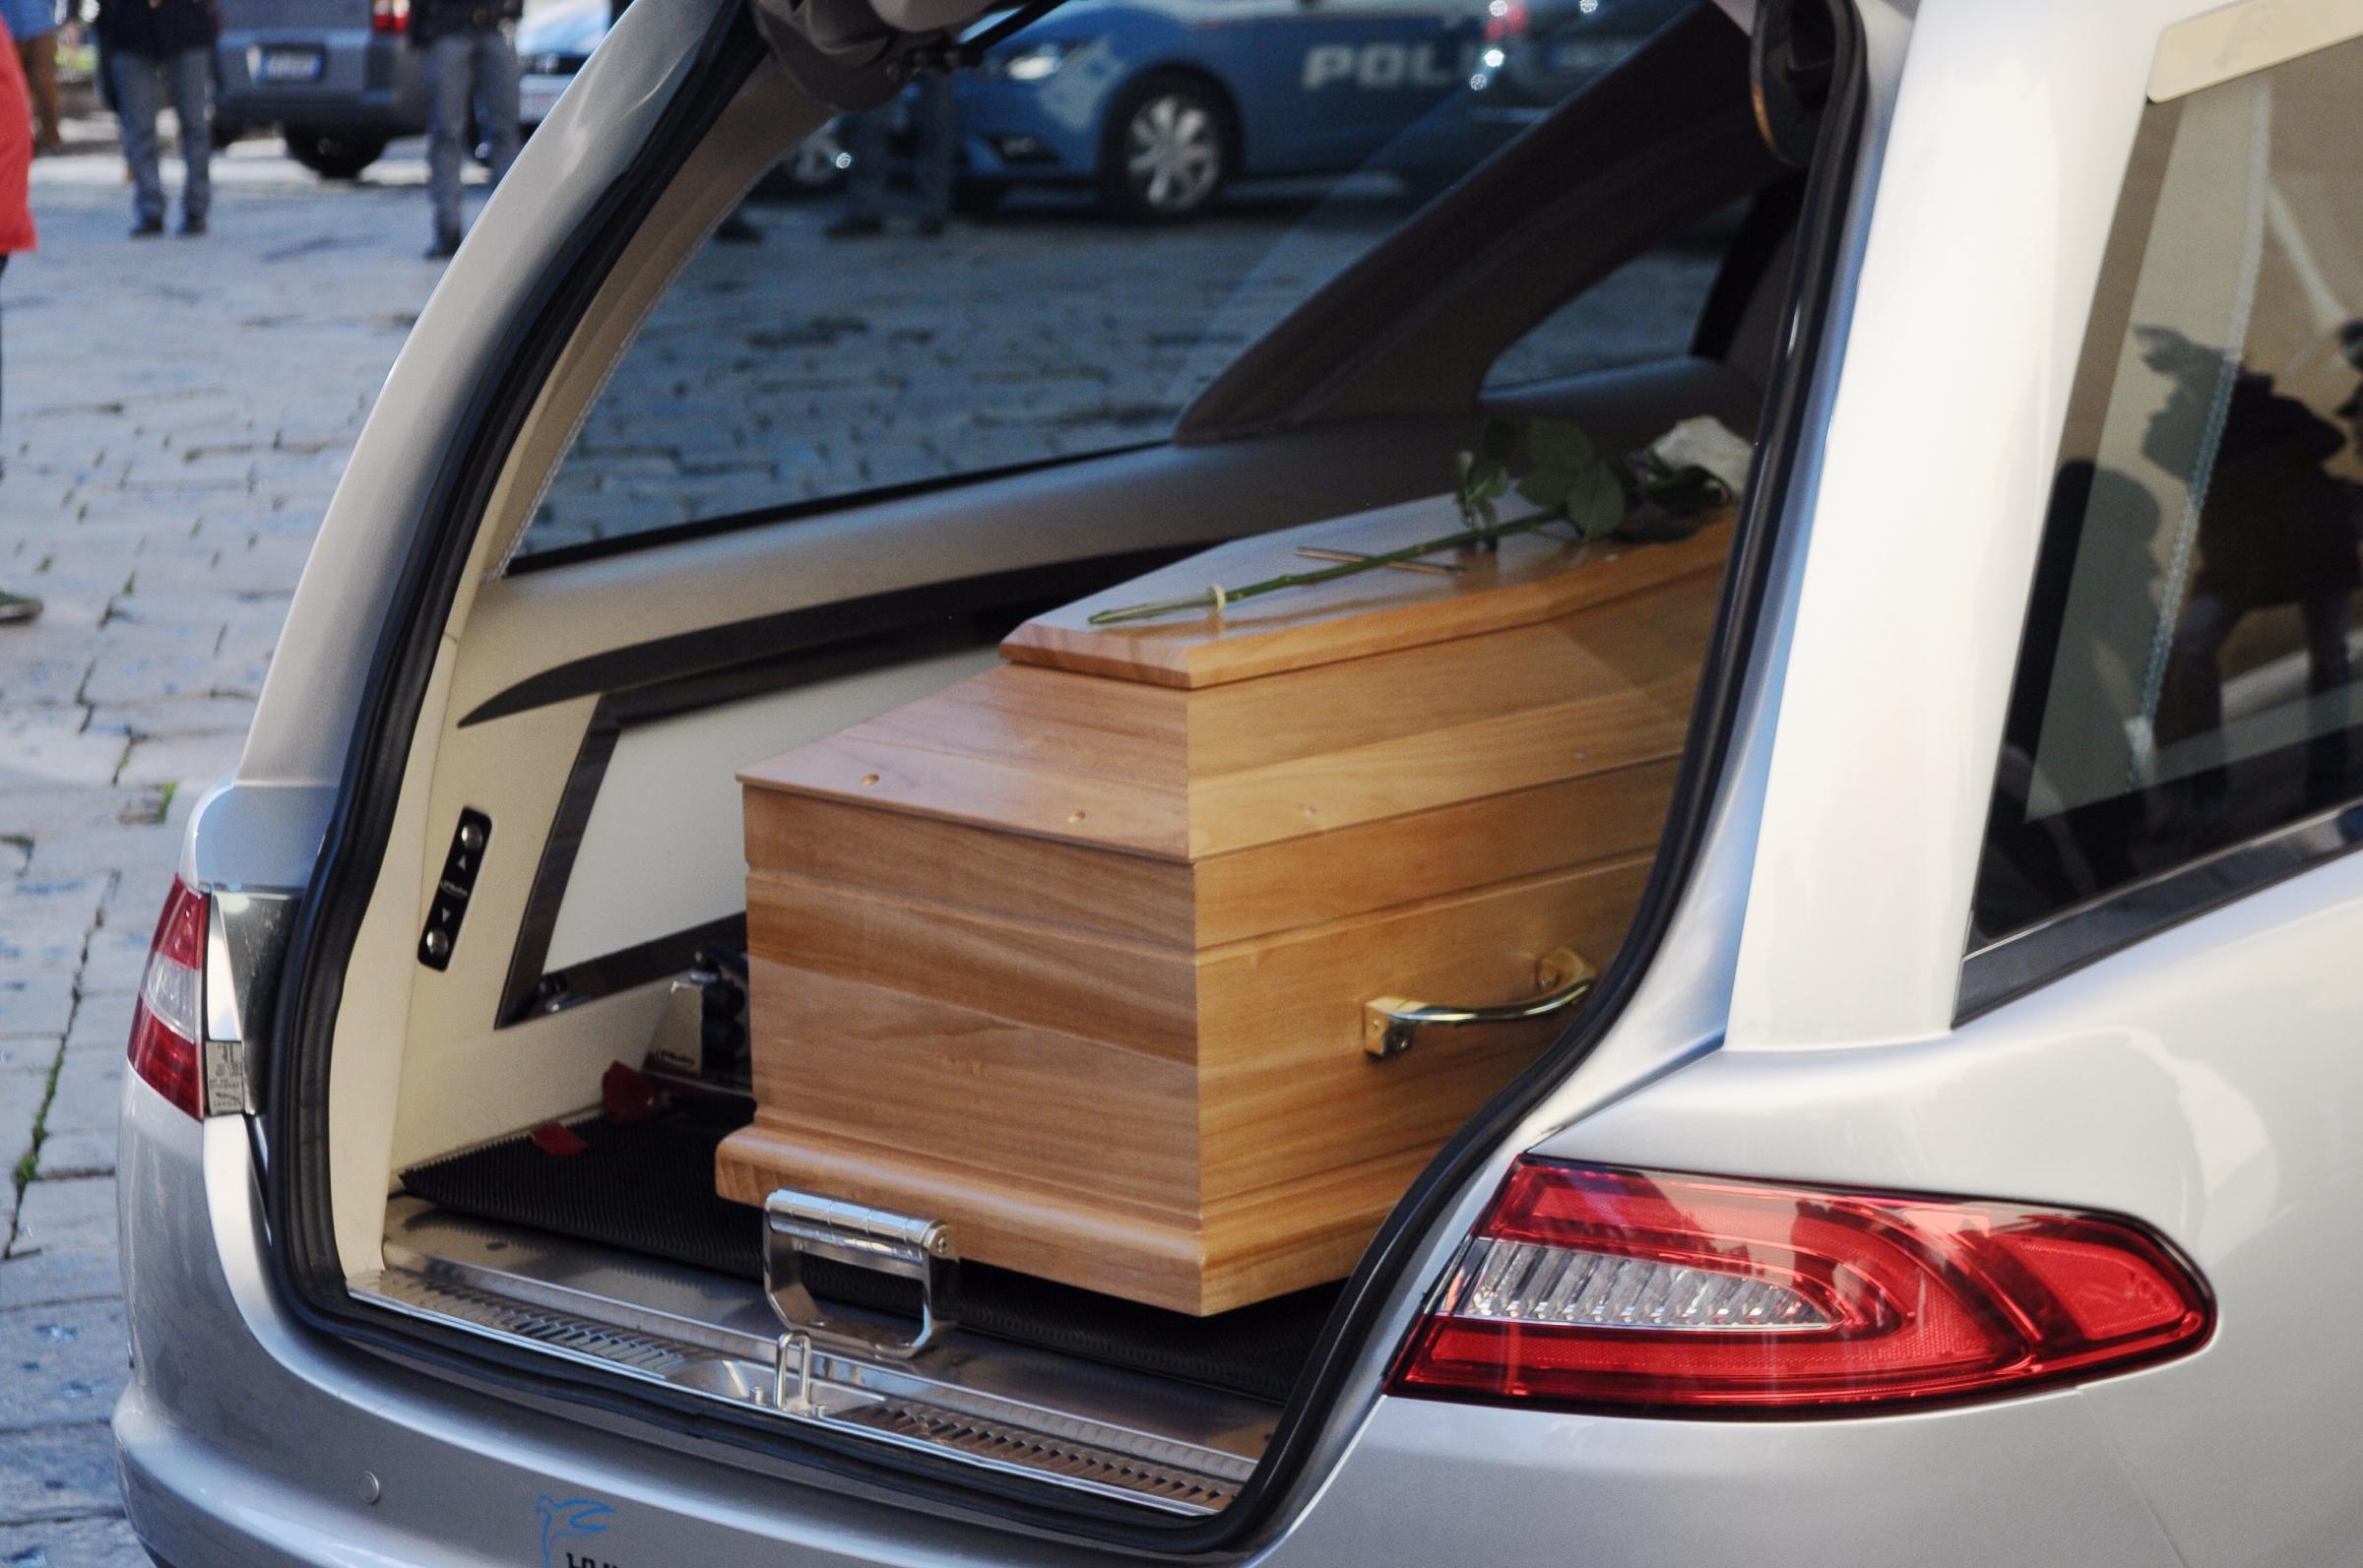 Lo aspettano per il funerale della moglie ma lui non - Non arriva gas in casa ...